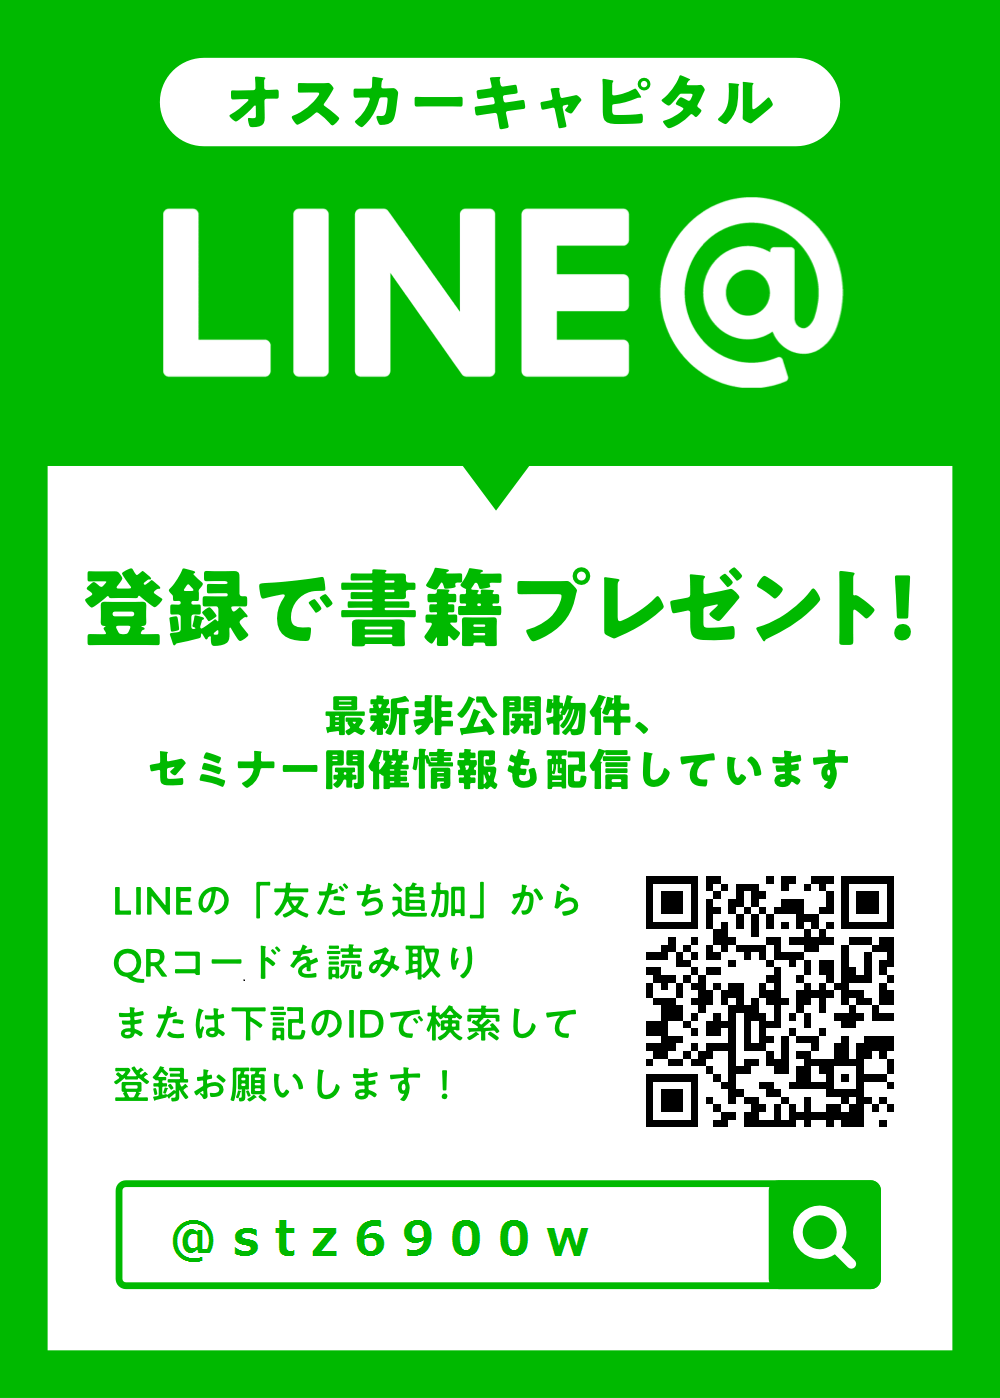 LINE@登録で書籍プレゼント|オスカーキャピタル